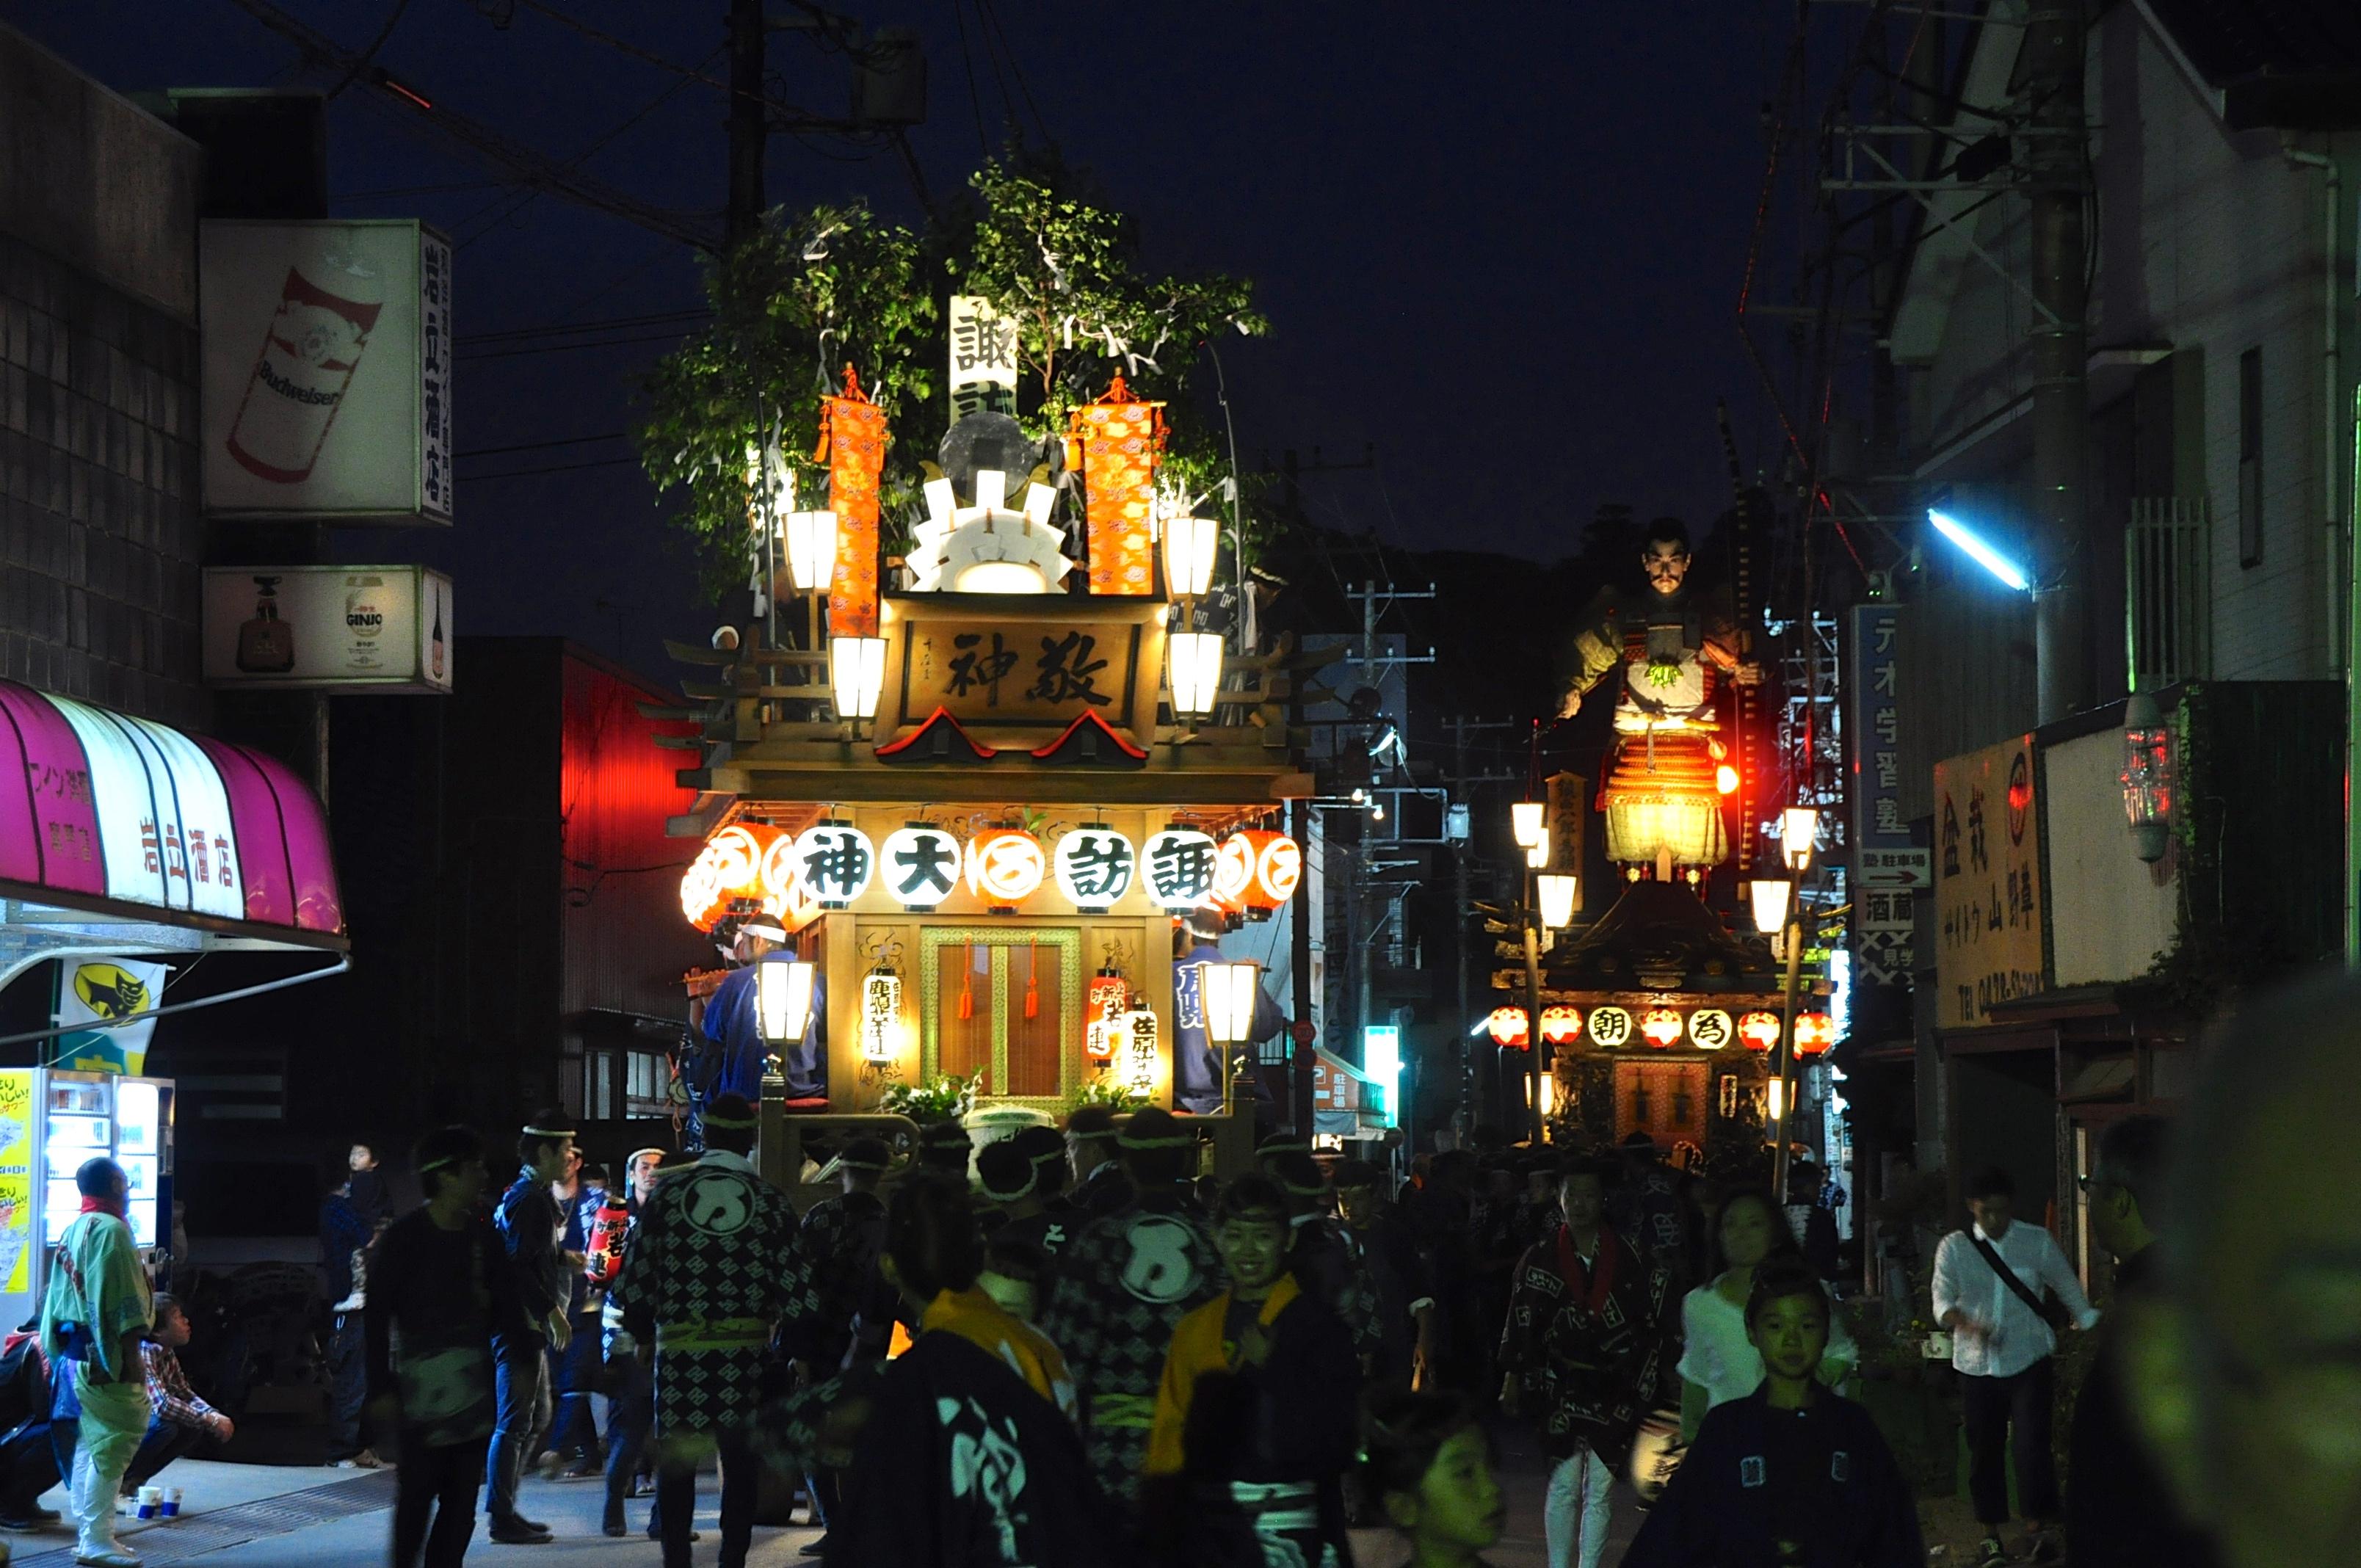 http://ud.t.u-tokyo.ac.jp/blog/_images/DSC_4746.JPG